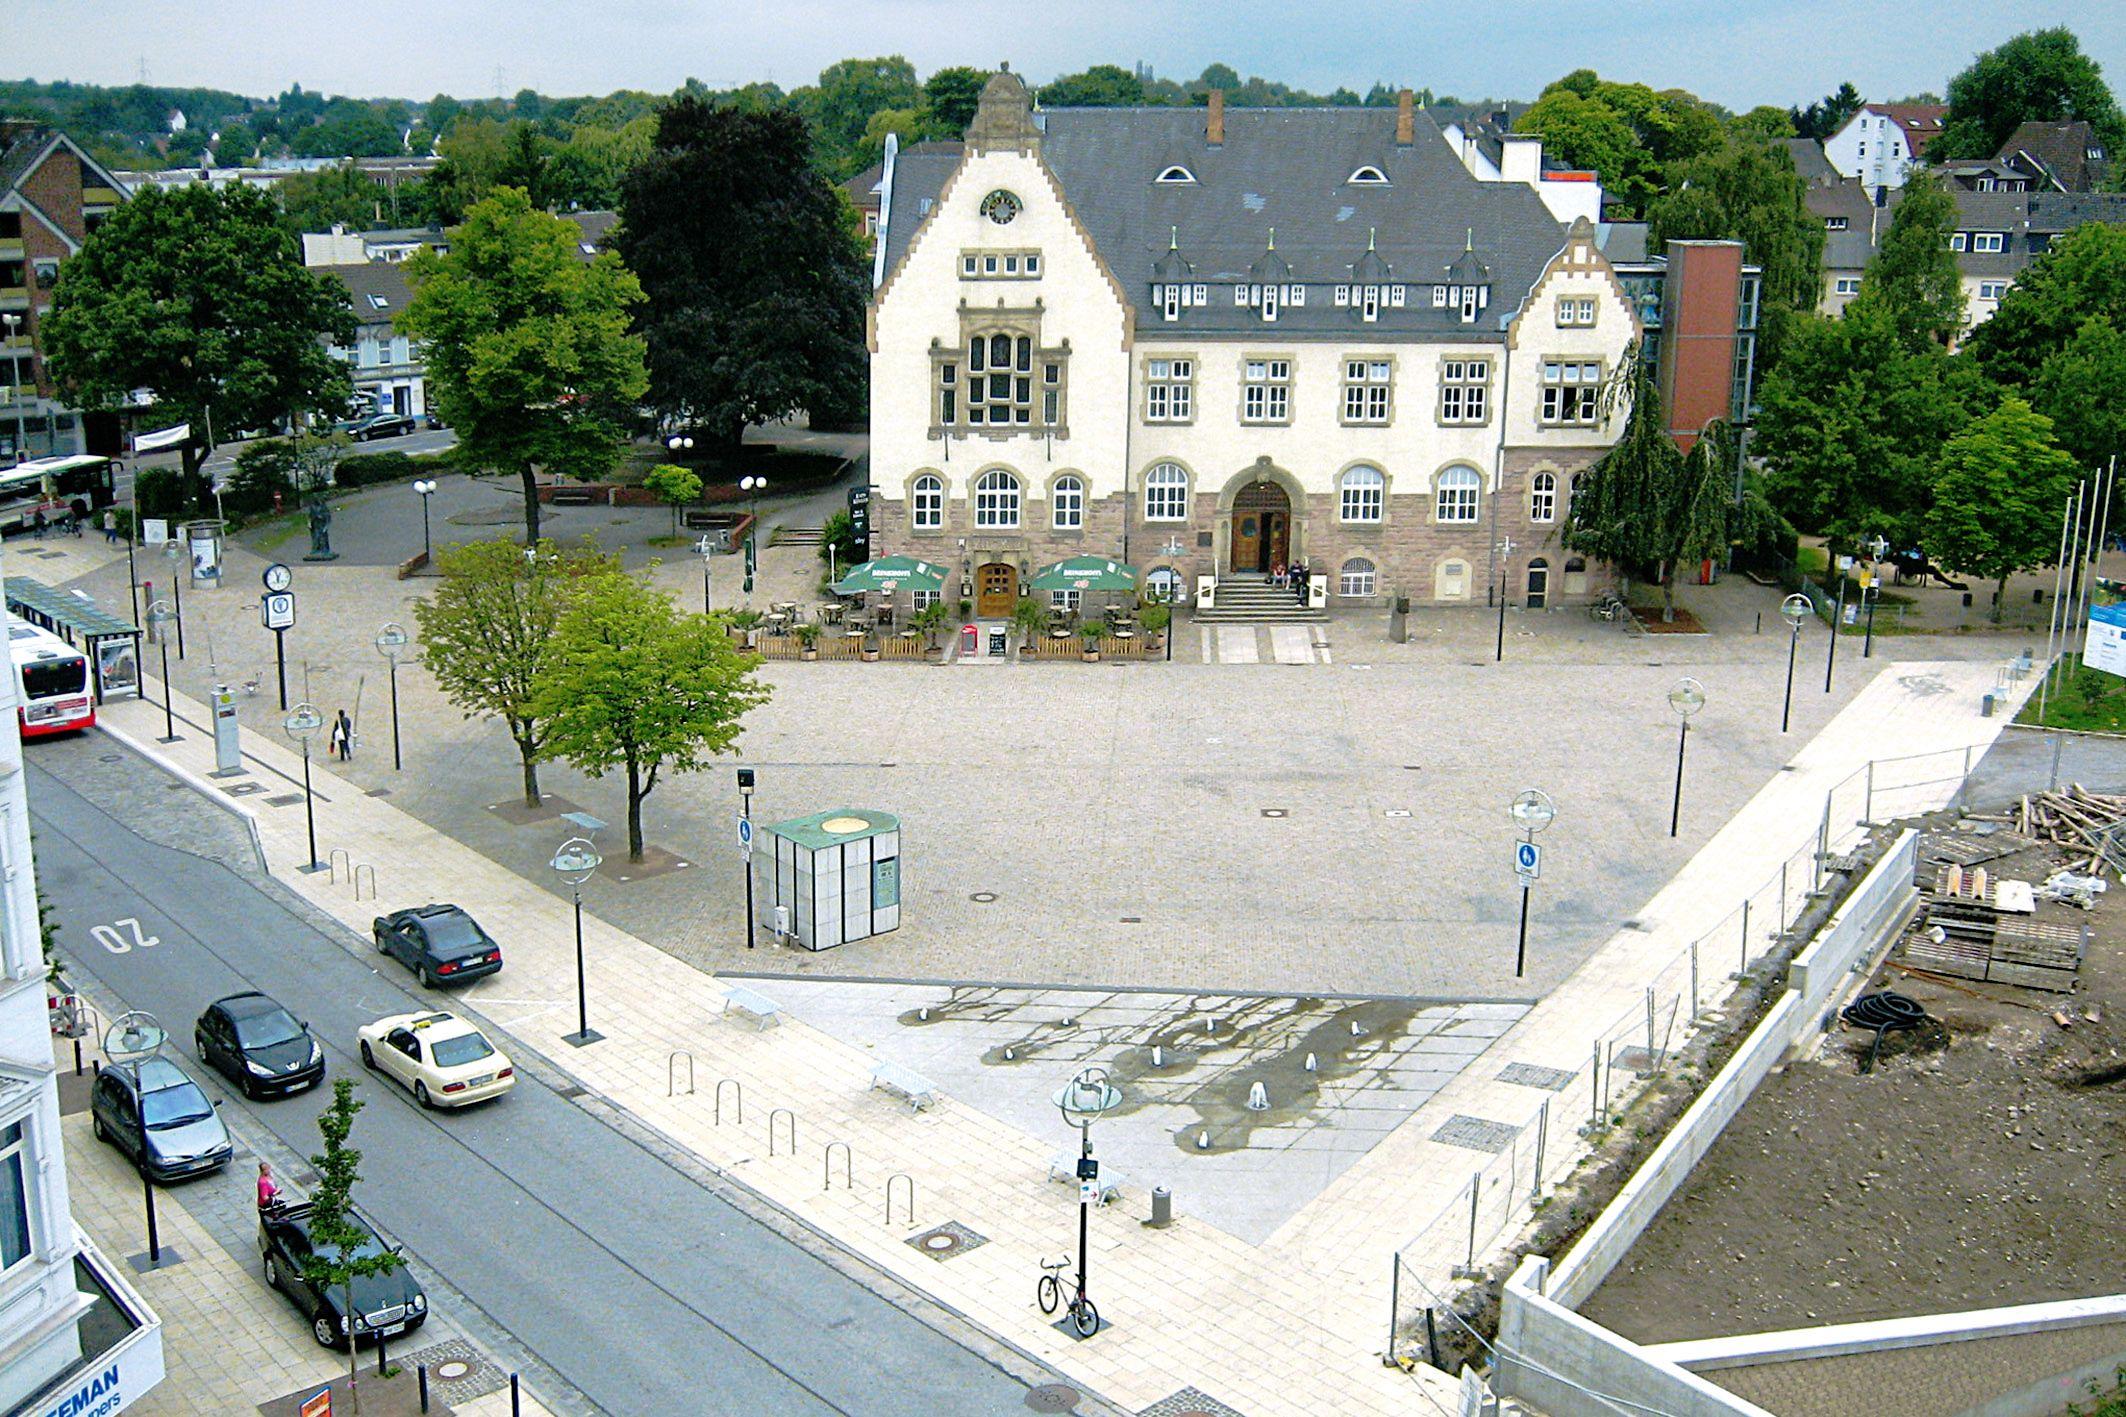 SAKRET Referenz Marktplatz Dortmund Pflastersteine Vogelperspektive